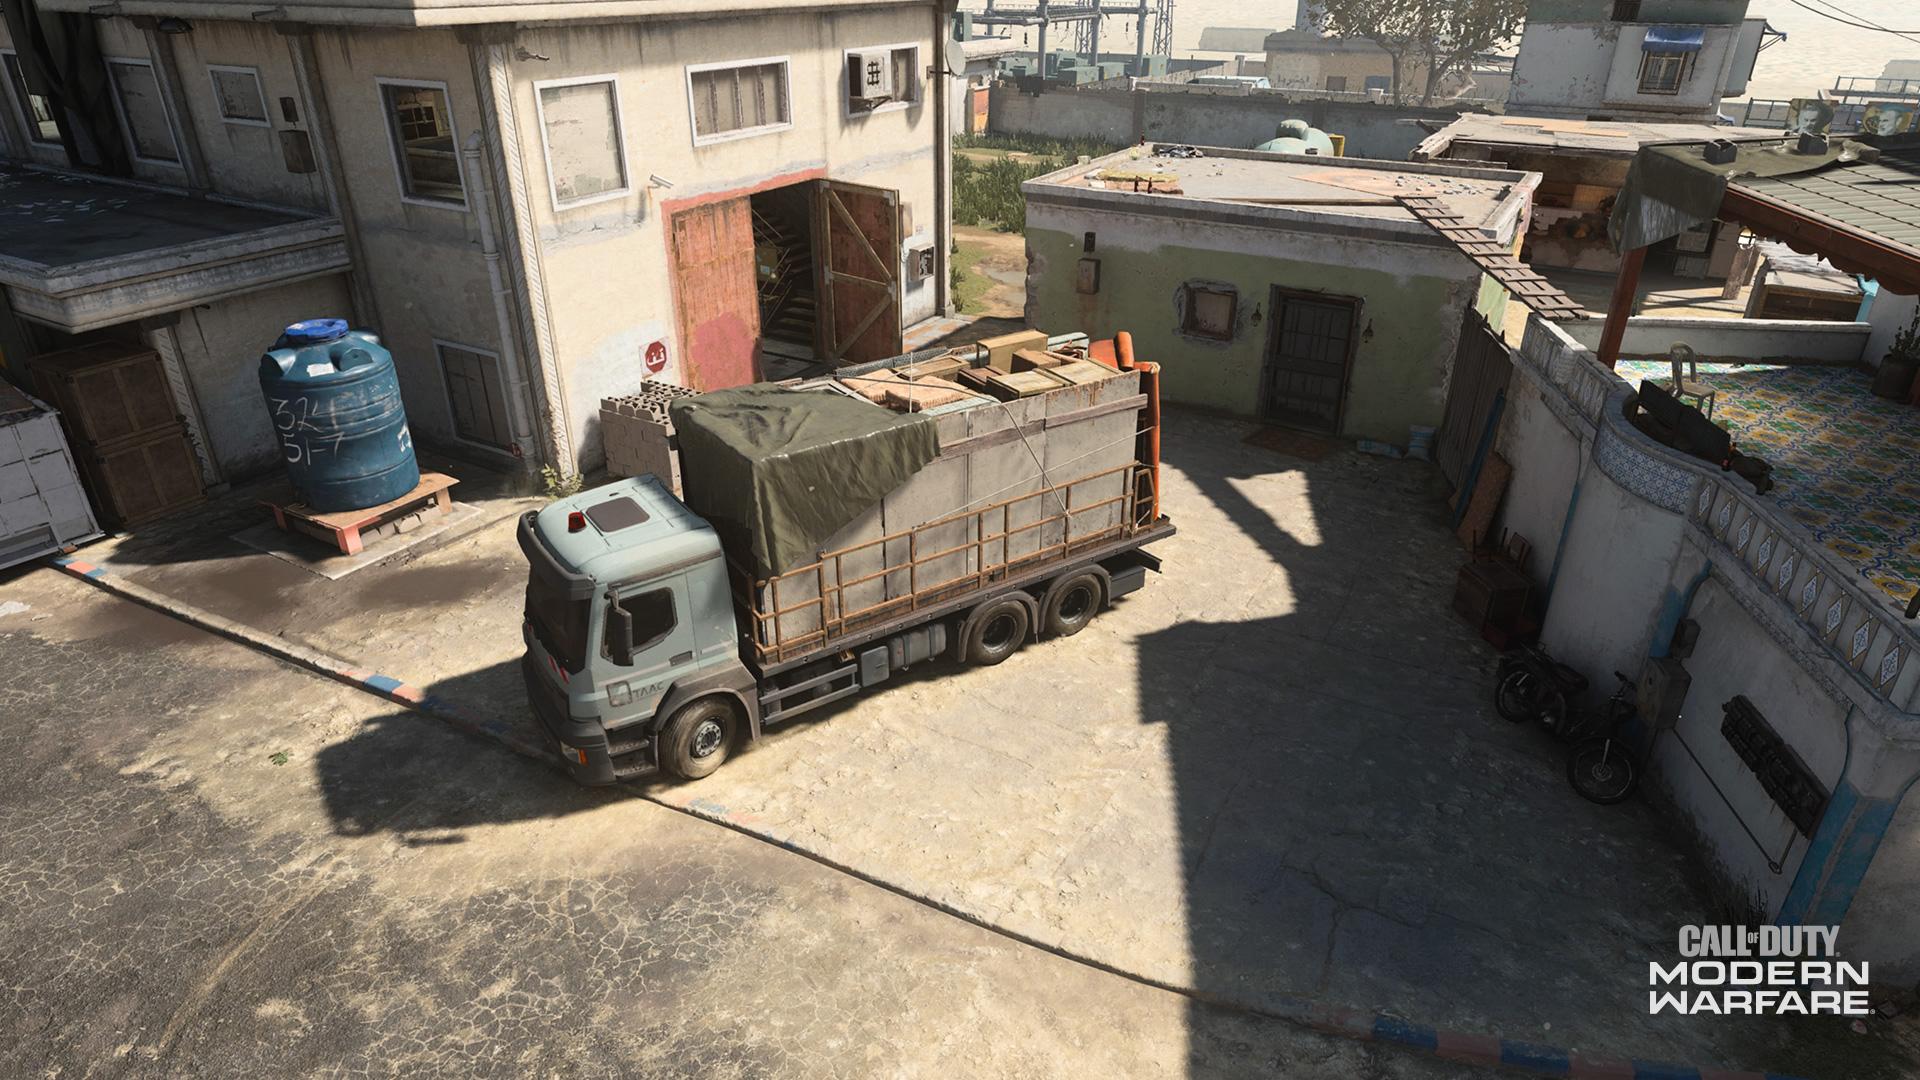 Modern Warfare Tactical Map Intel: Khandor Hideout - Image 6